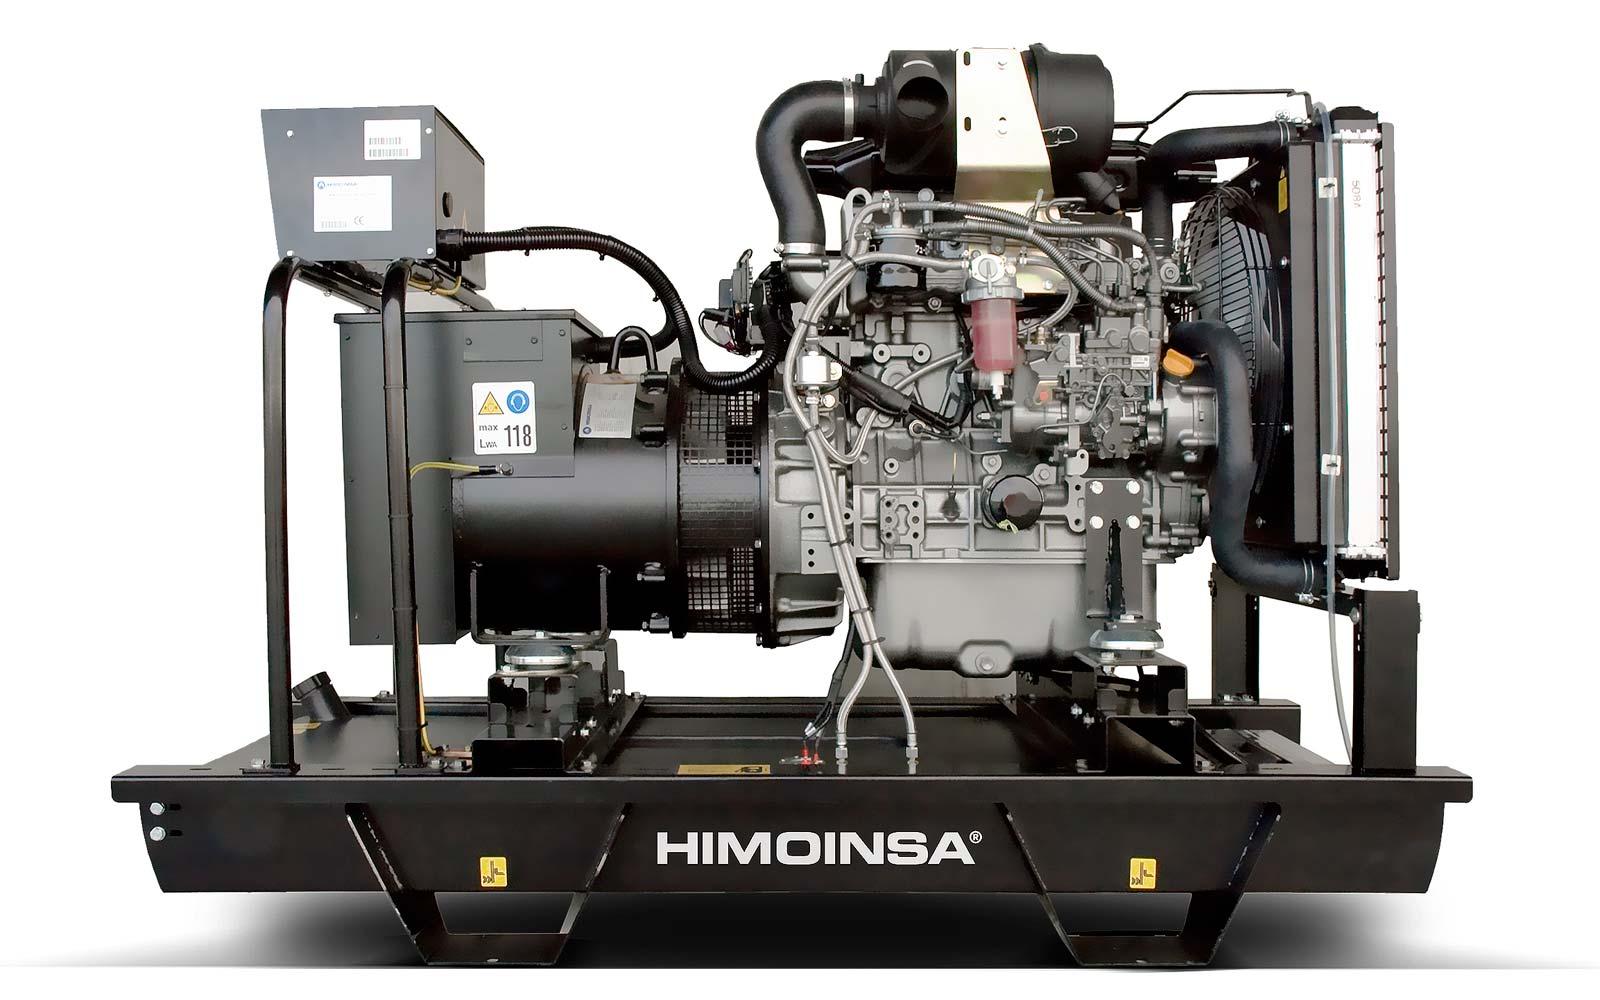 дизельная электростанция himoinsa hyw-30 m5